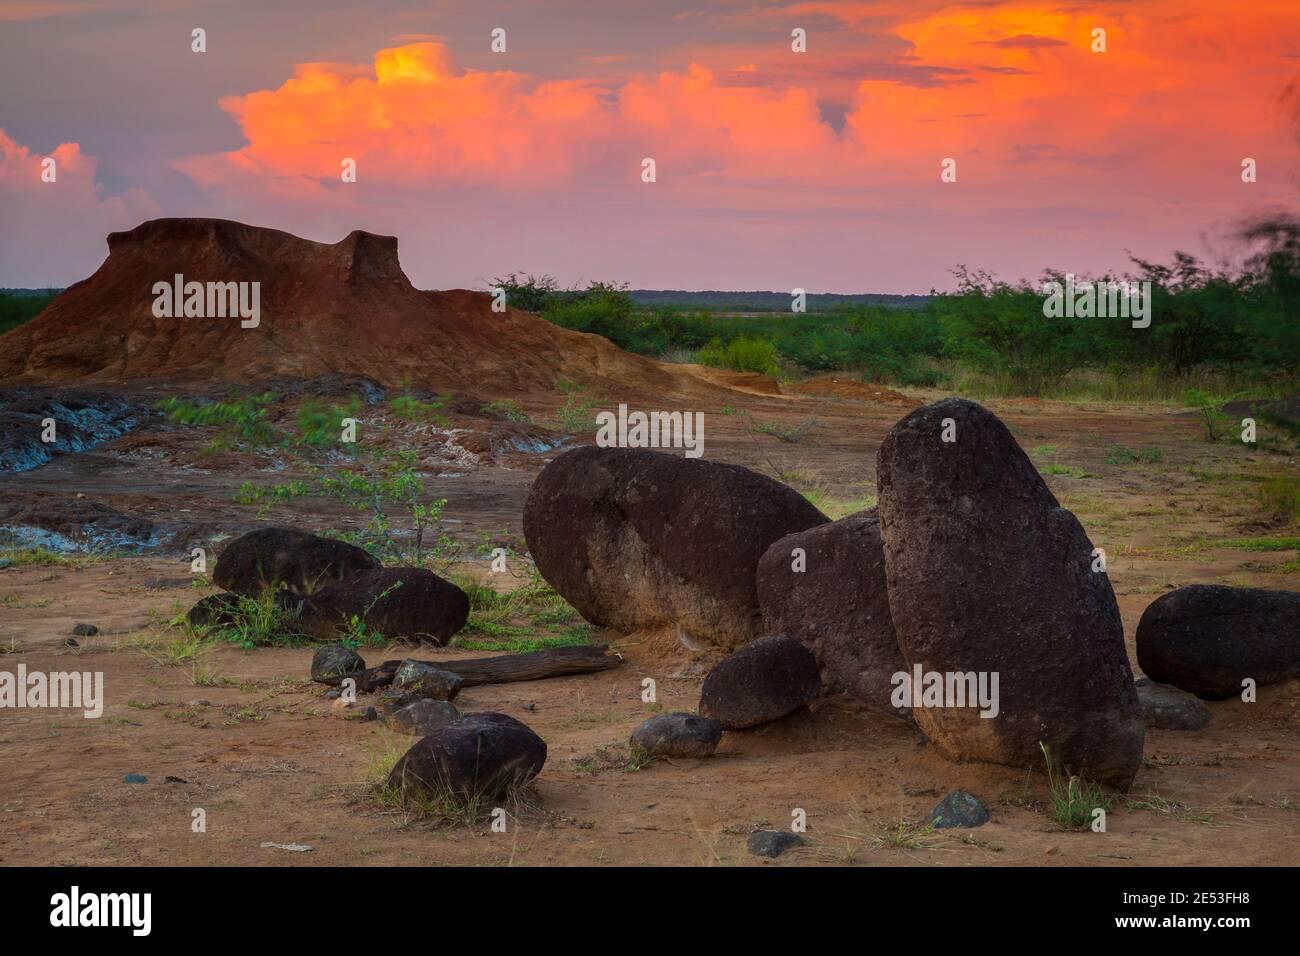 Farbenfroher Abend in der Wüste des Sarigua Nationalparks, Herrera Provinz, Republik Panama. Stockfoto